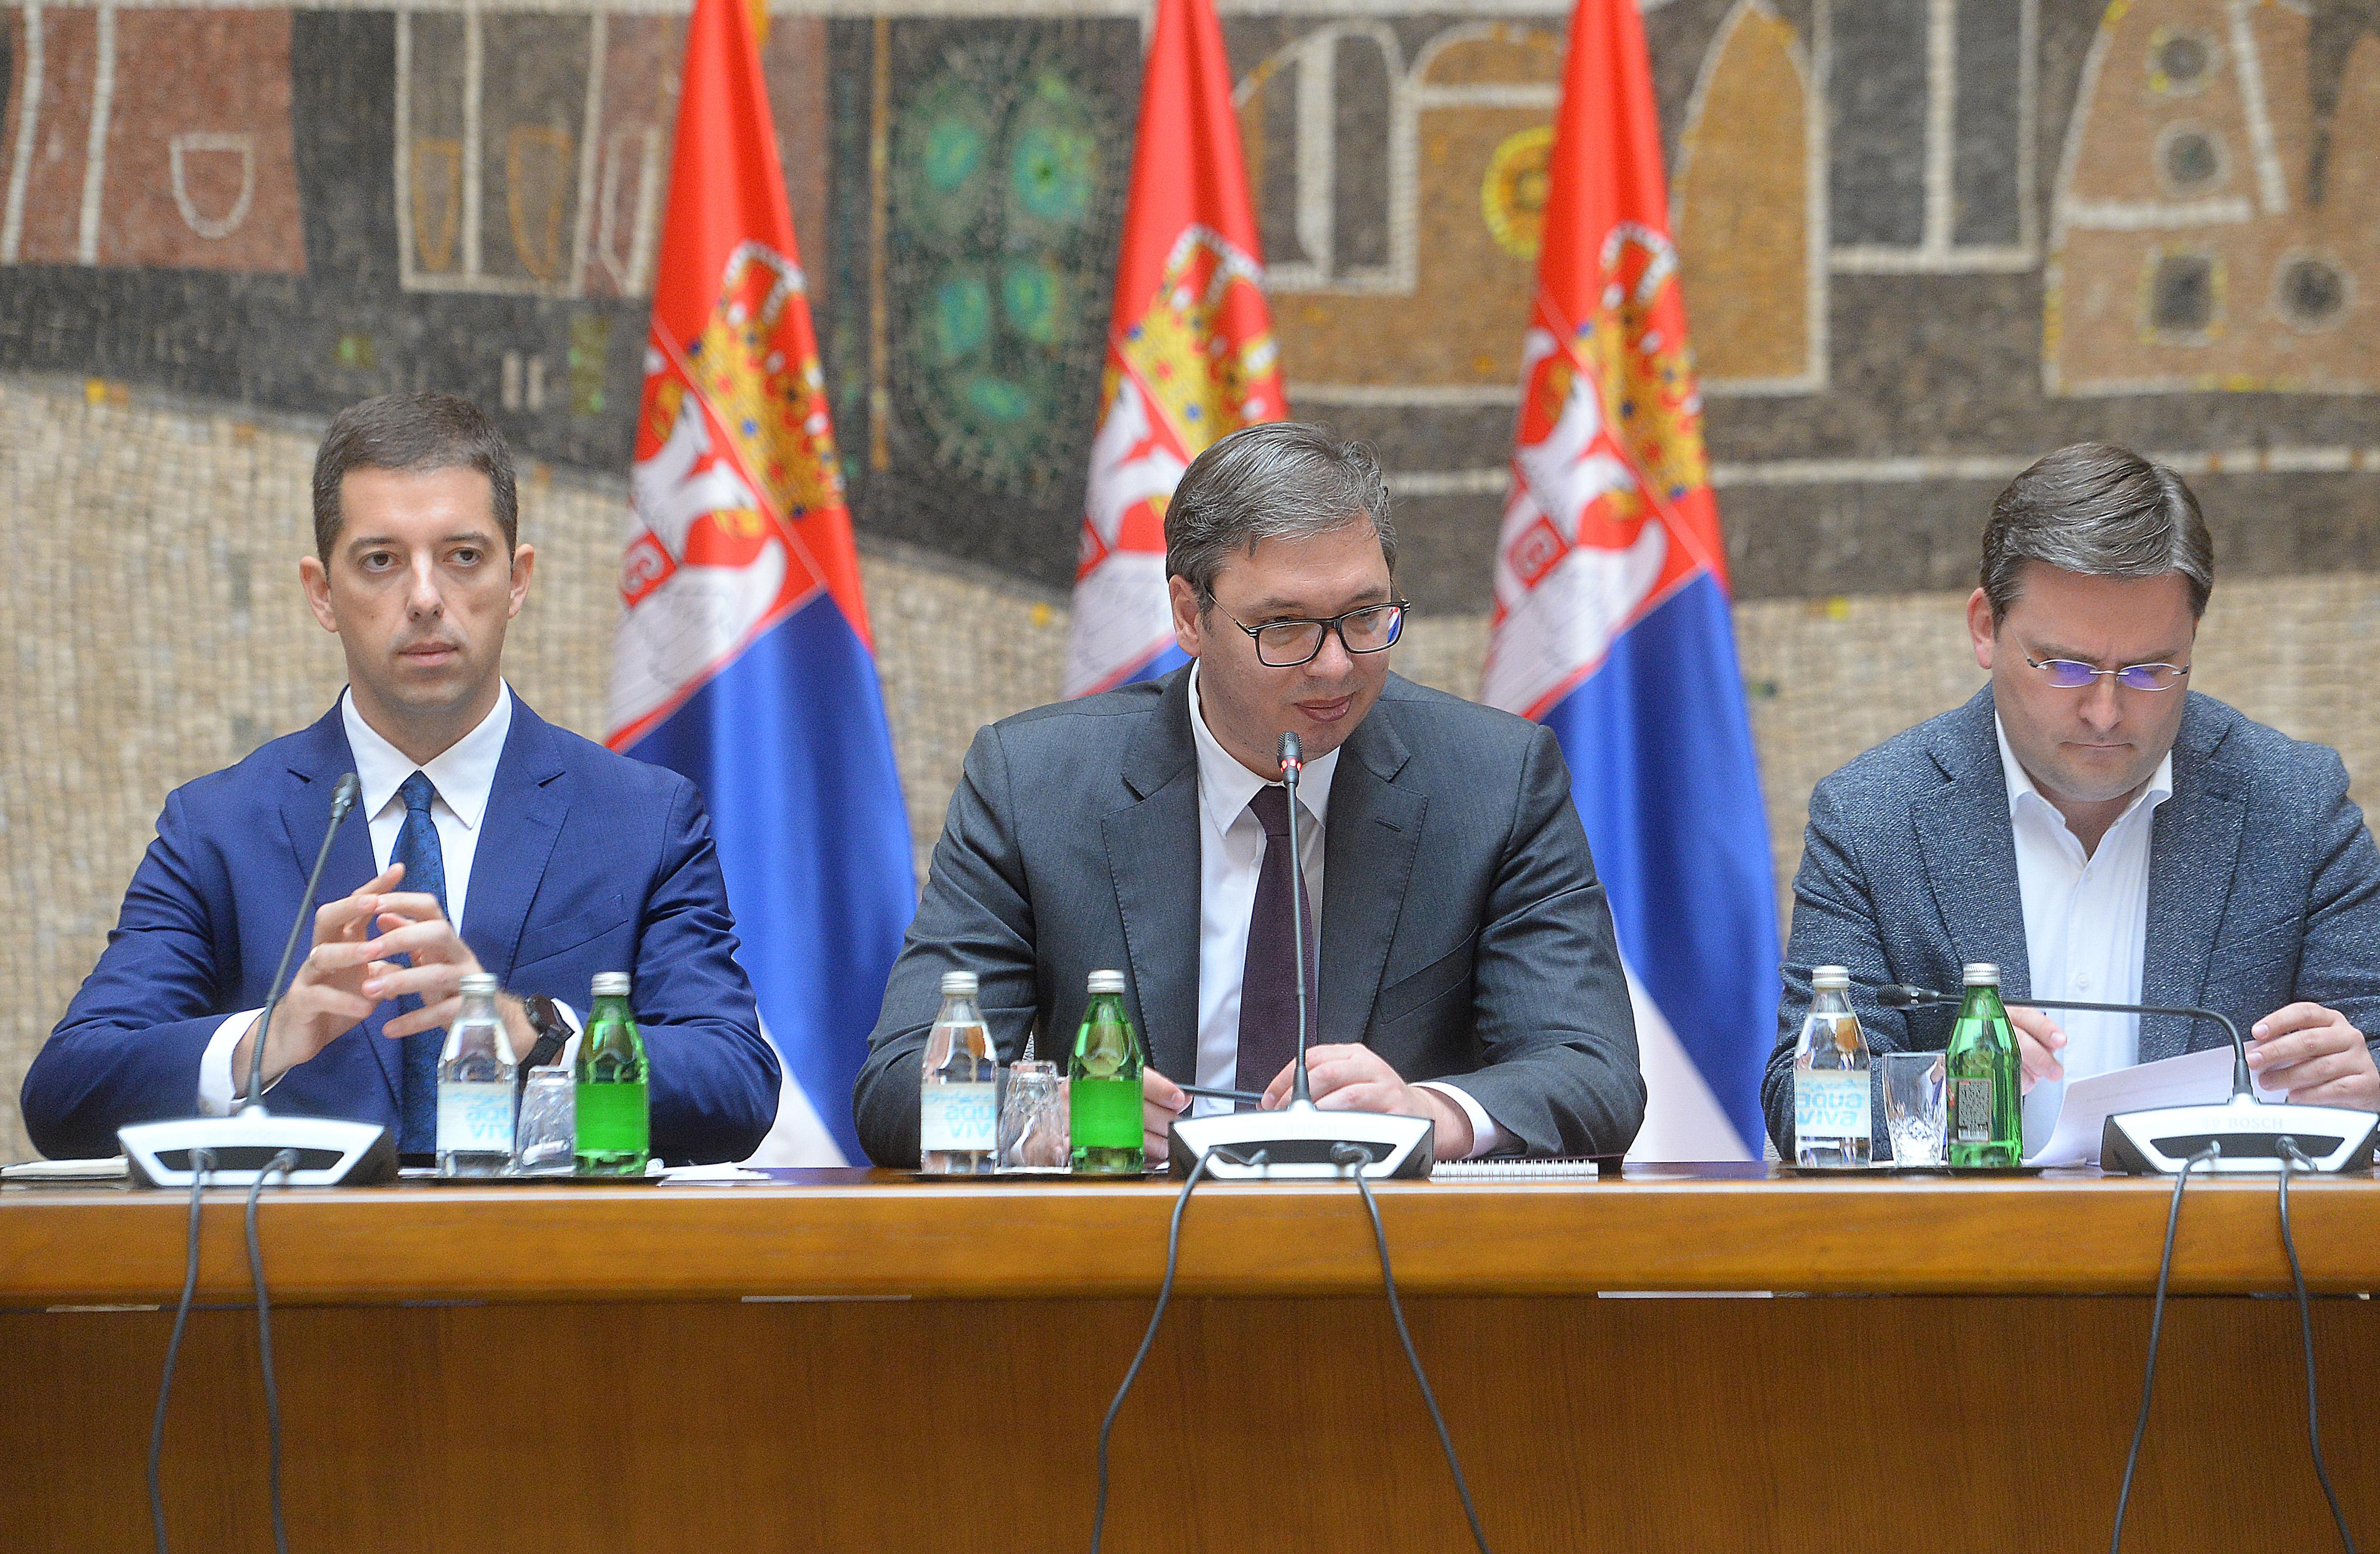 Predsednik Aleksandar Vucic sastao se danas sa politickim predstavnicima Srba i najznacajnijih institucija Srbije na Kosovu i Metohiji.